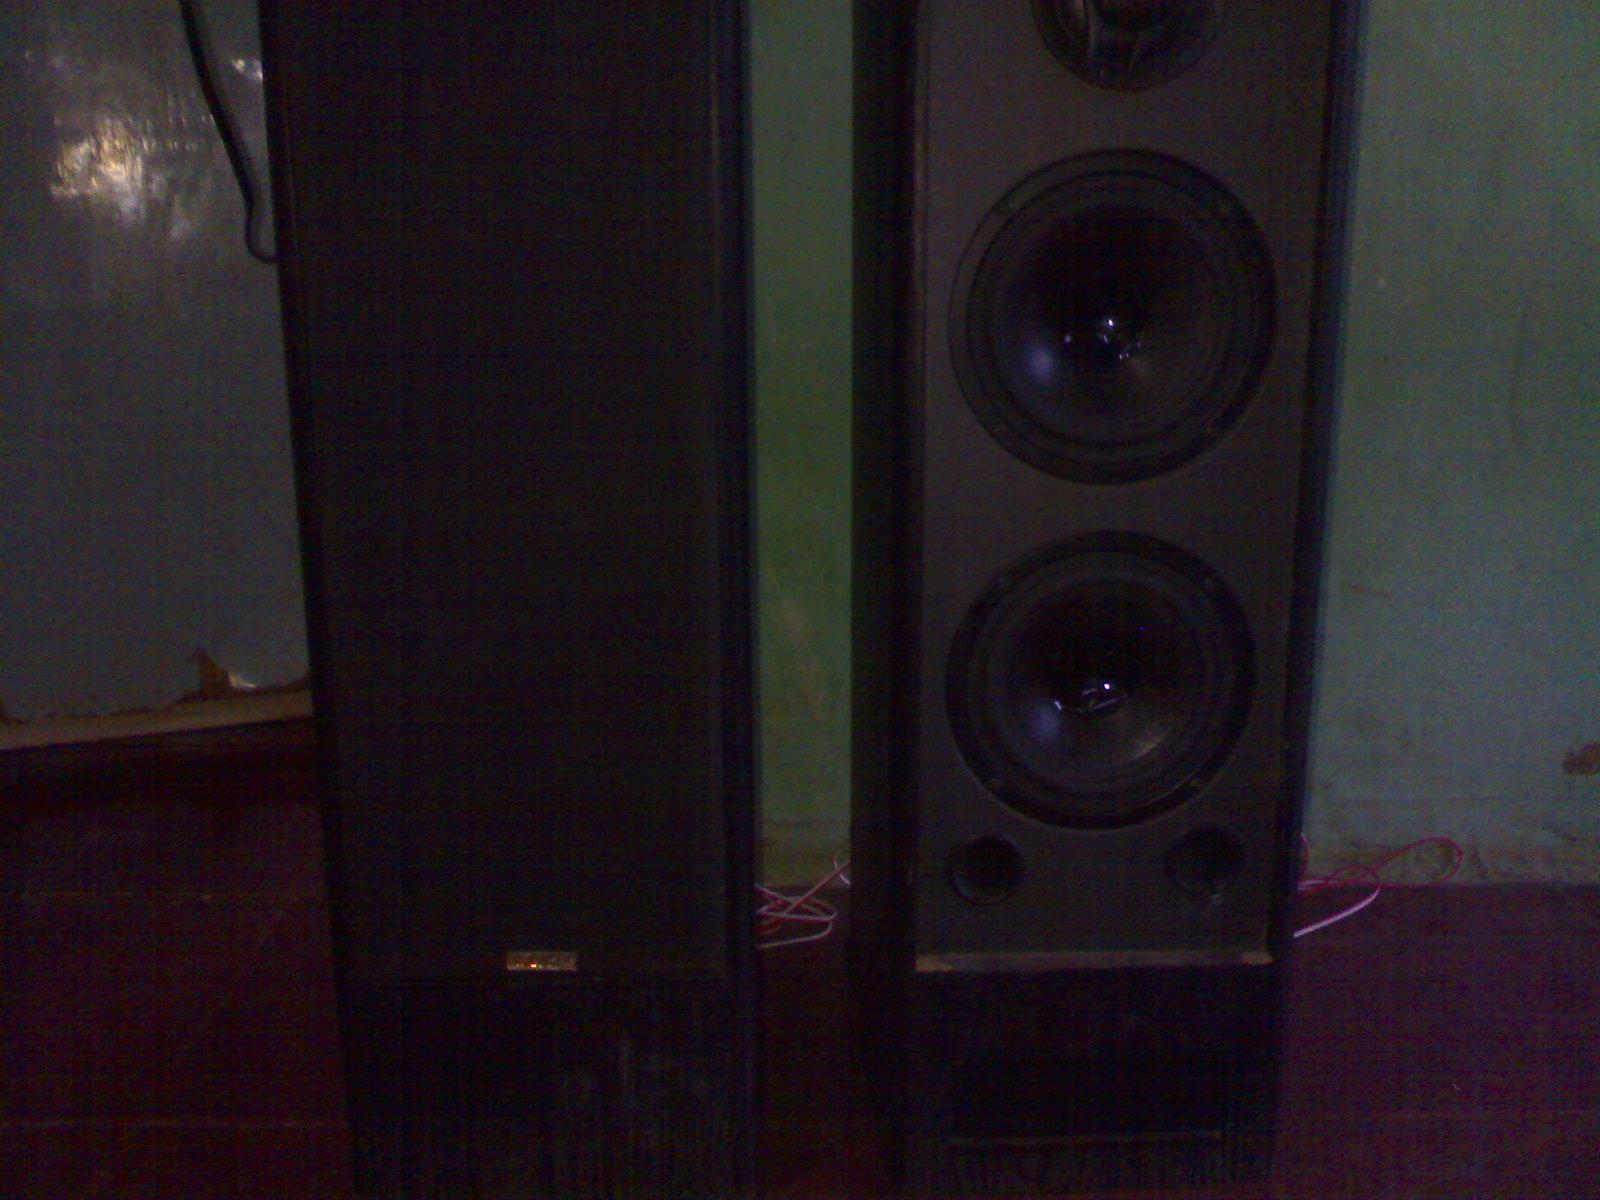 AZ AUDIO RAKITAN, DIY, AUDIO PRO: Modif sederhana Speaker Aktif